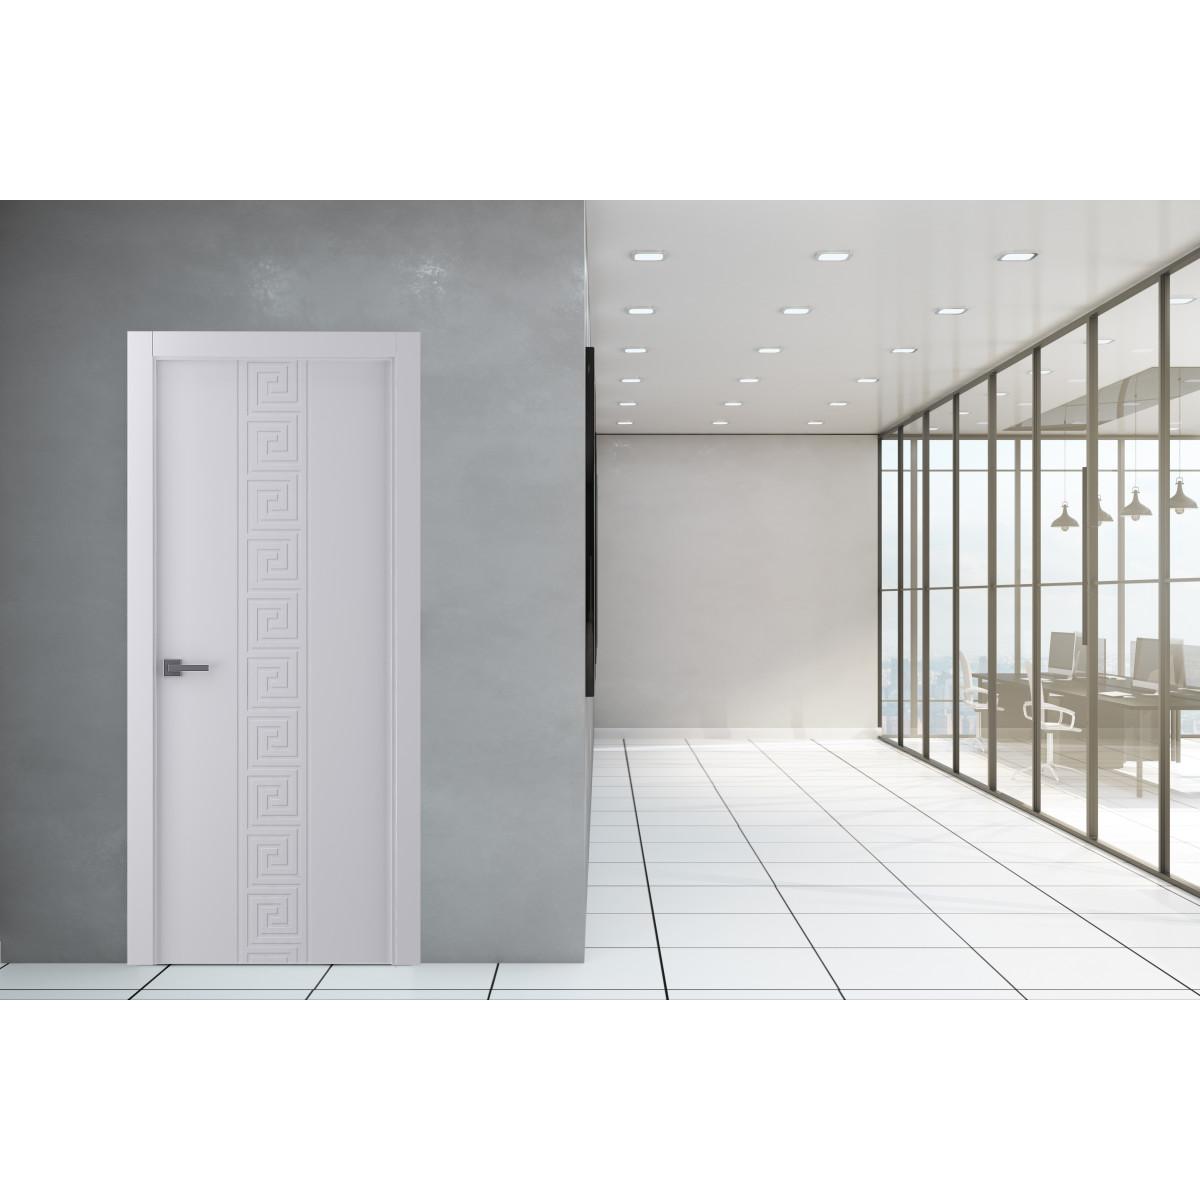 Дверь Межкомнатная Глухая С Замком В Комплекте Эллада 80x200 Экошпон Цвет Белый